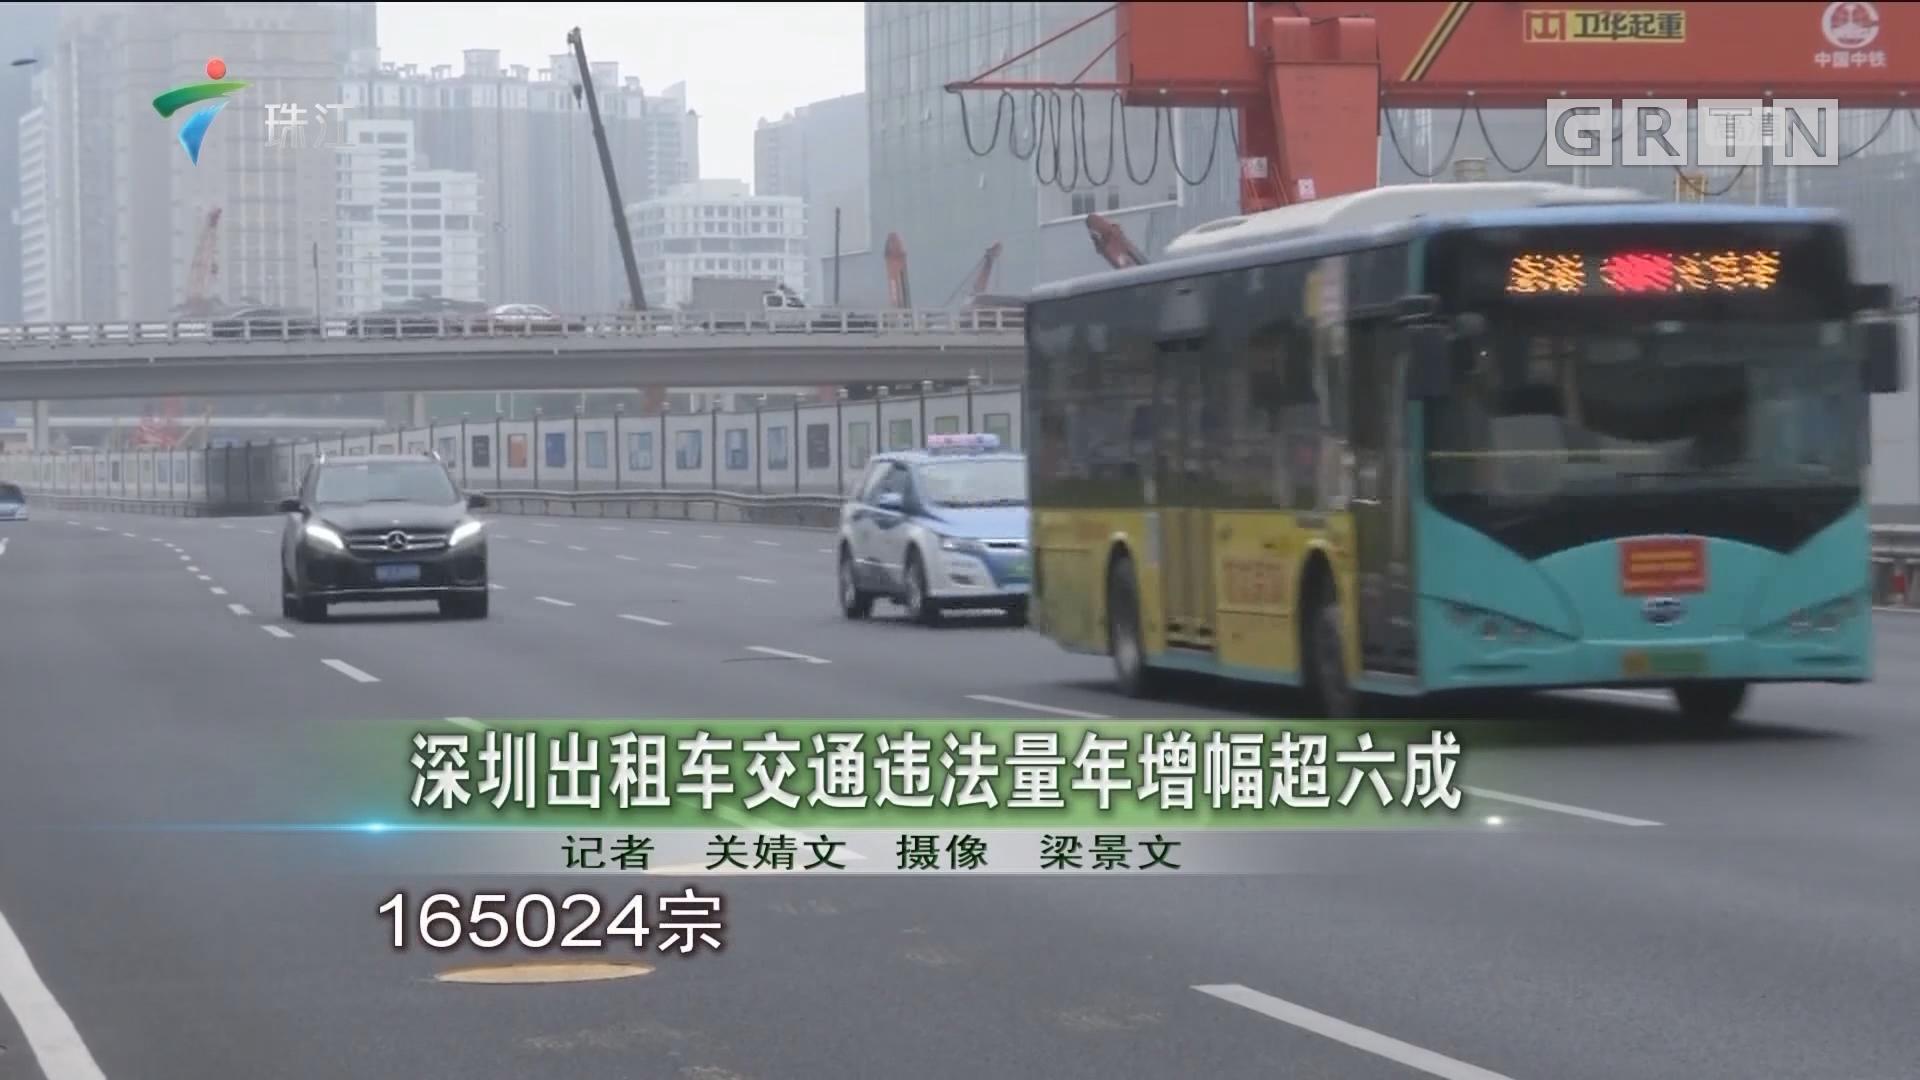 深圳出租车交通违法量年增幅超六成